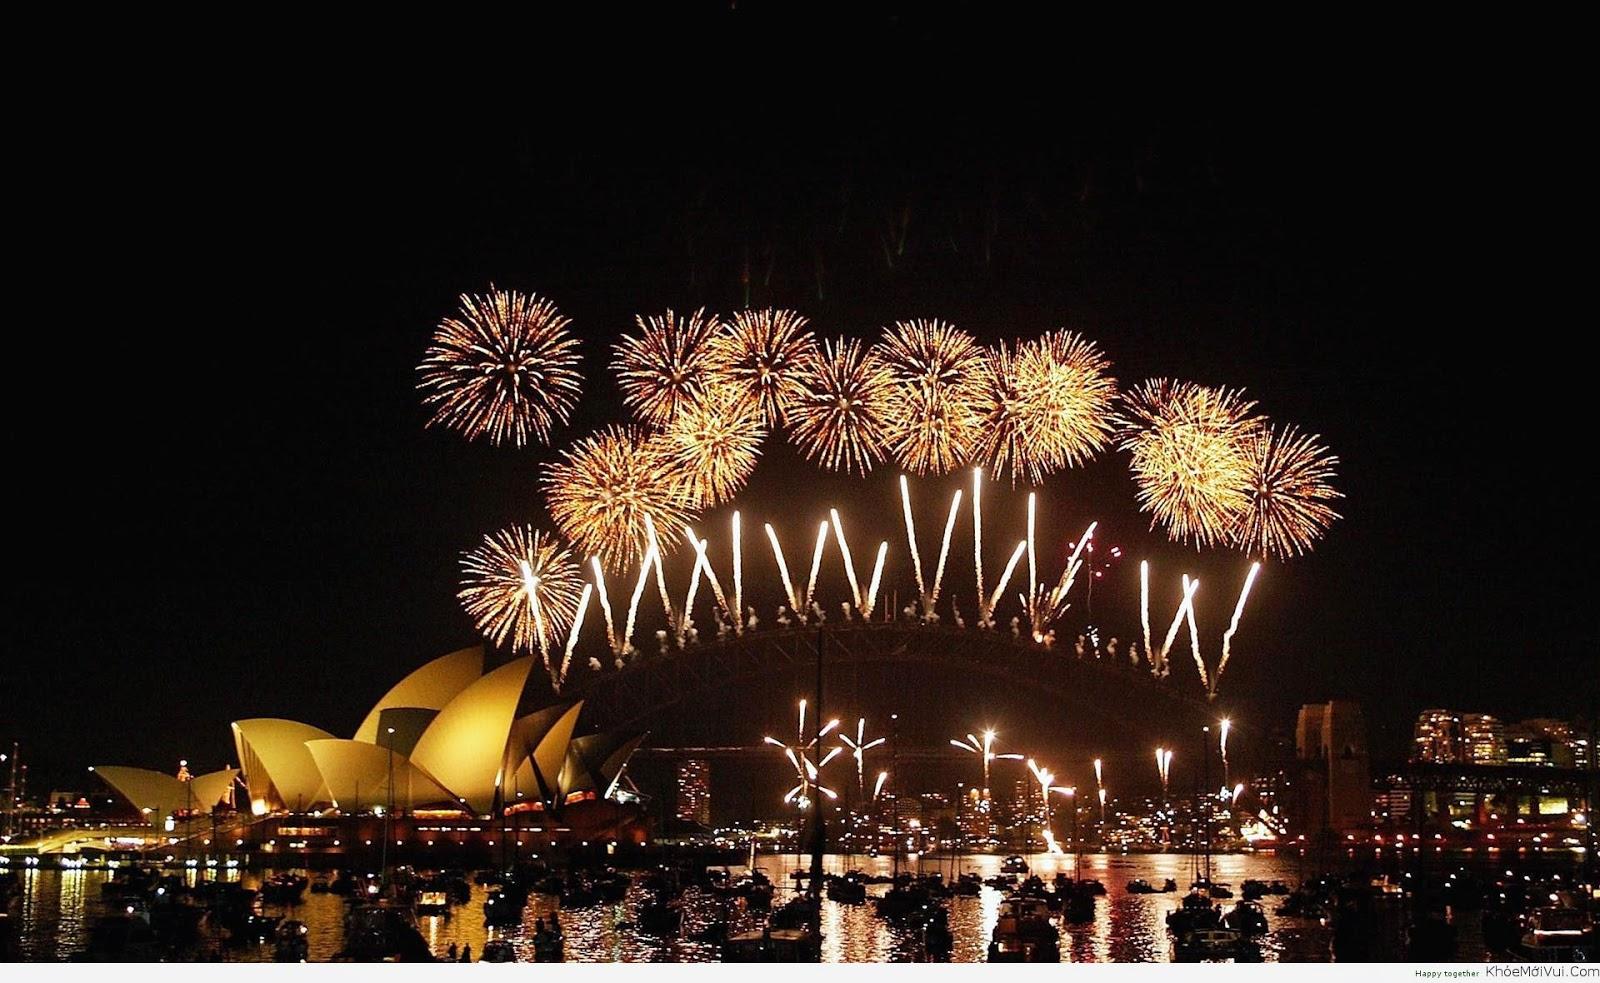 ảnh pháo hoa đón năm mới đẹp